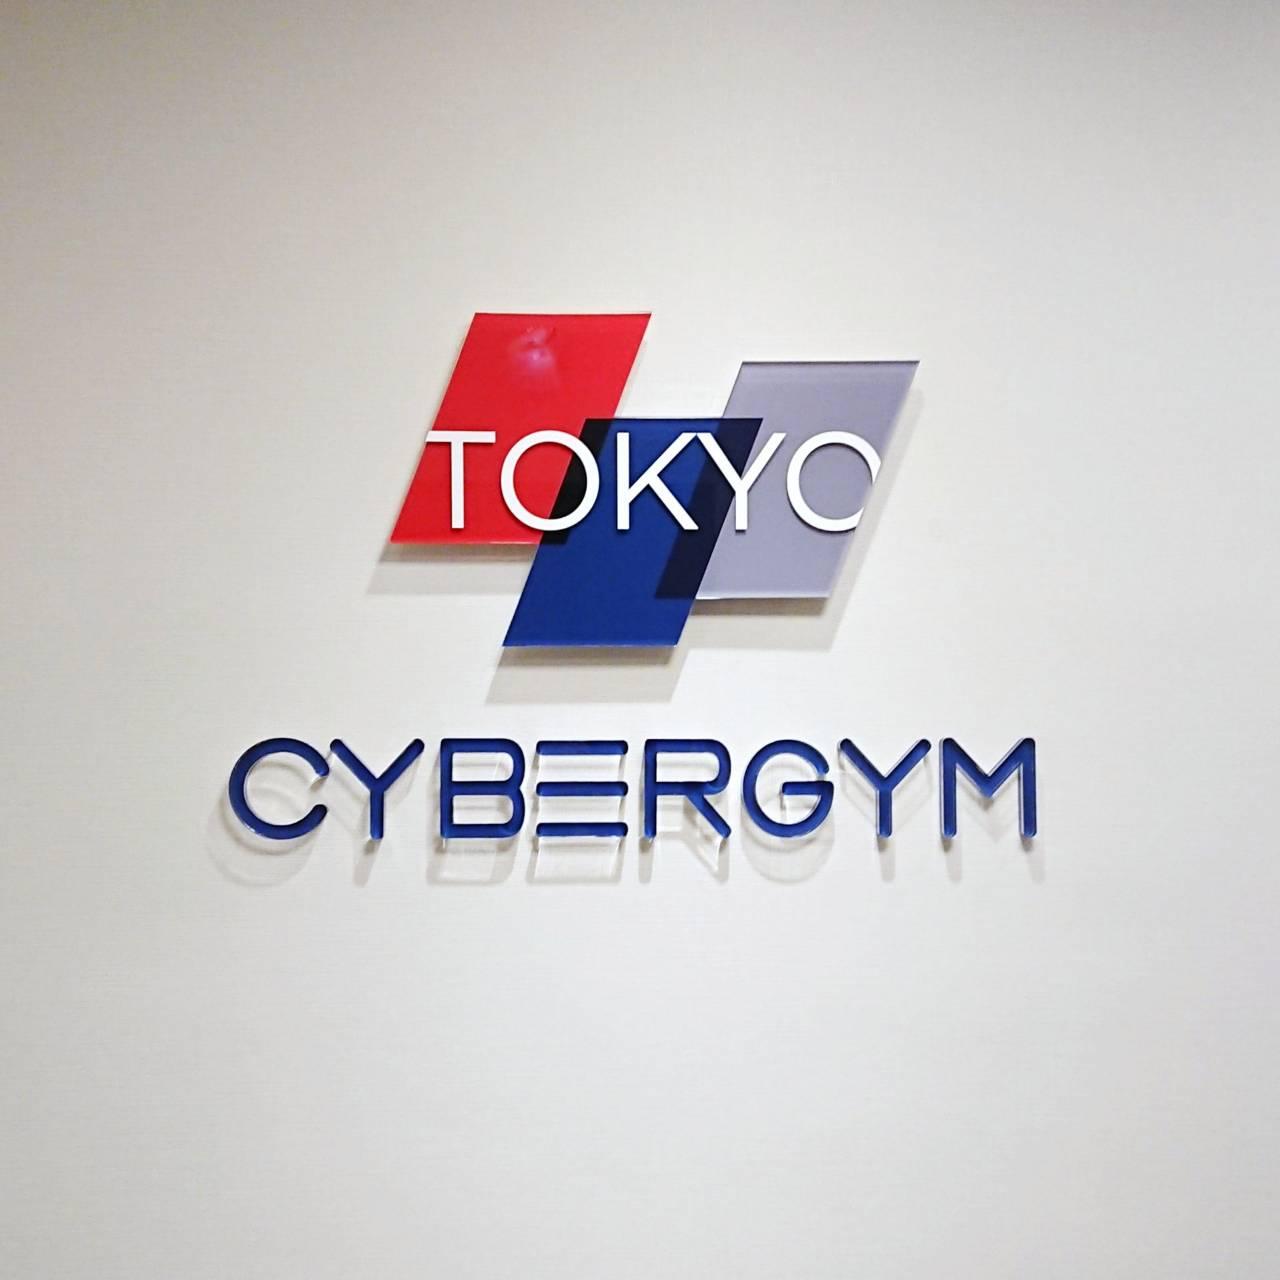 サイバー攻撃に備えた実践的トレーニング施設、CYBERGYMを見学してきた